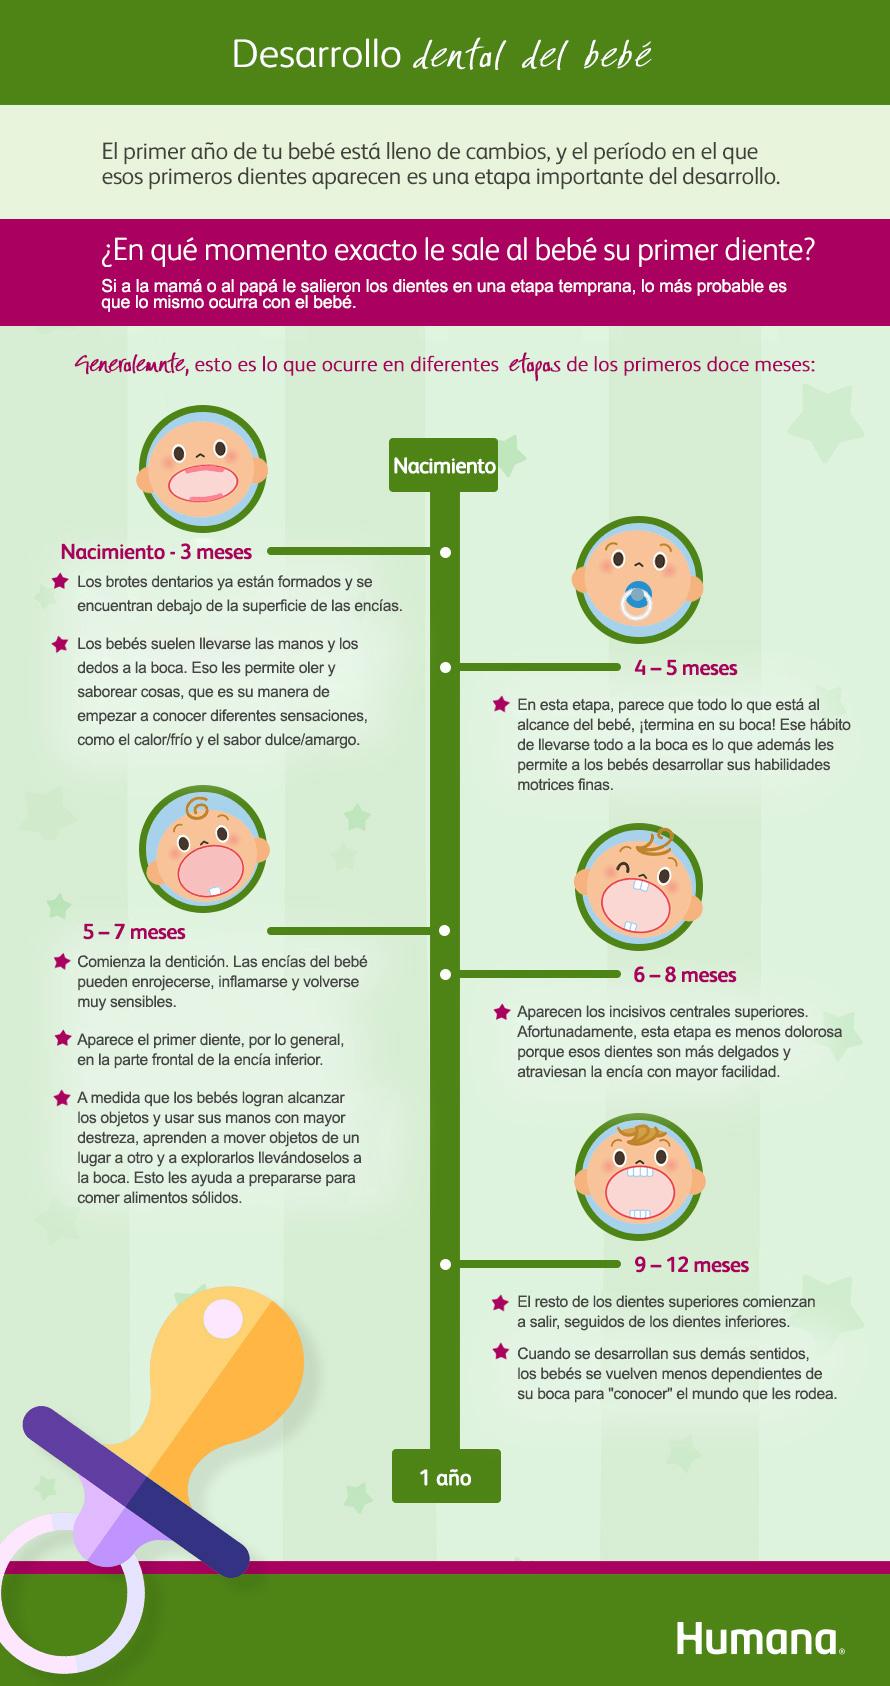 El primer diente del bebé - Todo sobre la dentición de los bebés ... f768f8b7c7bf